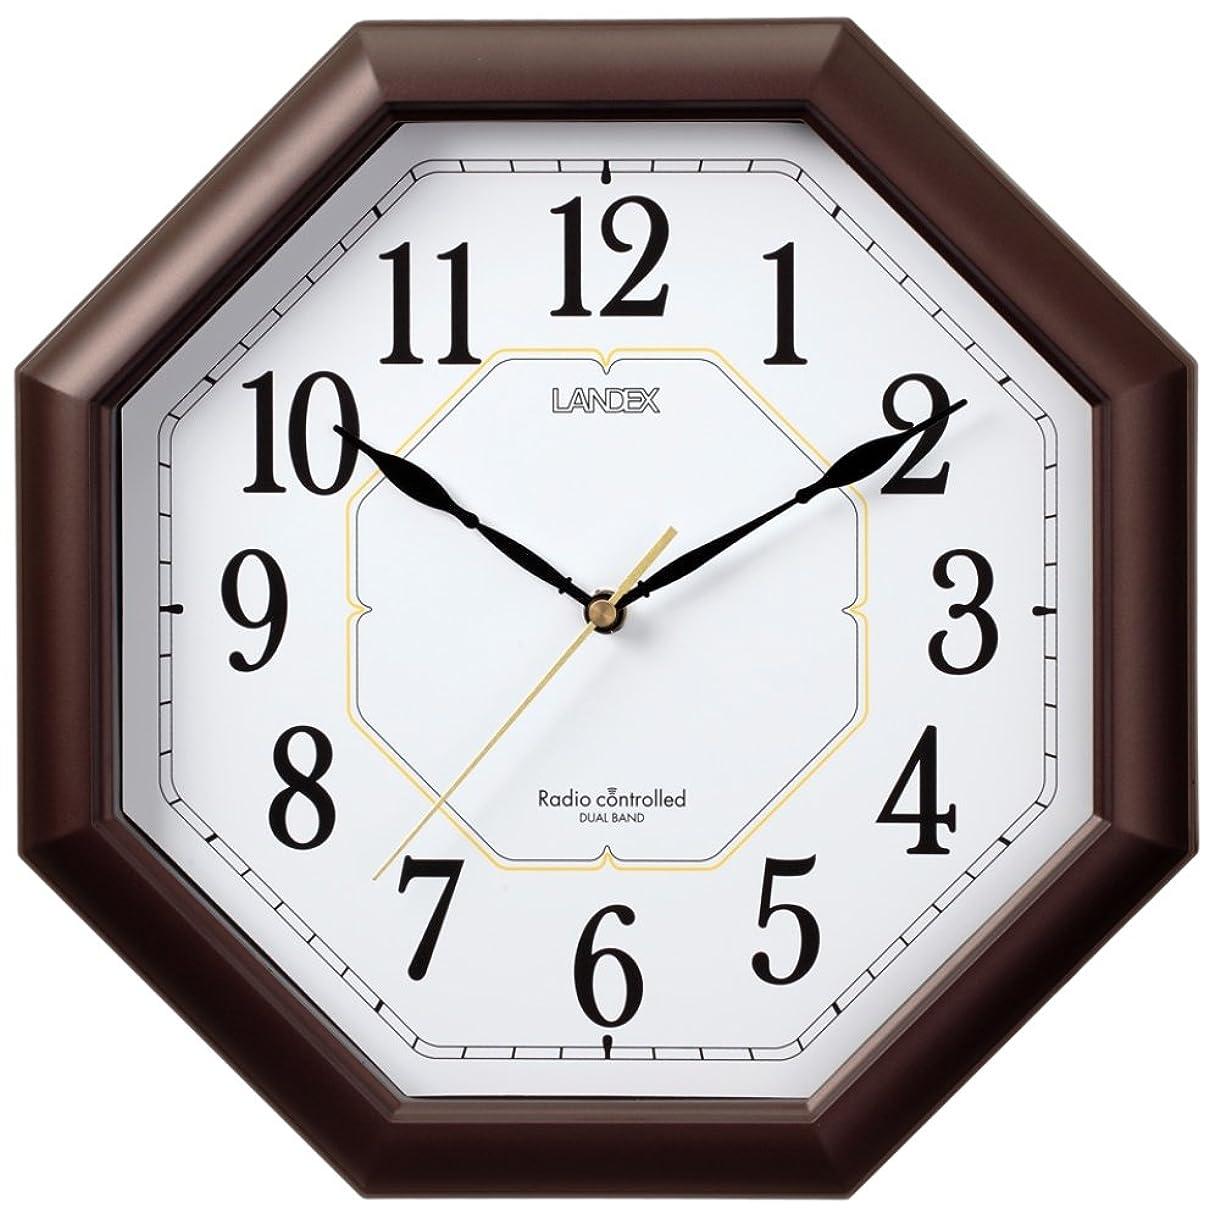 恵み勧める理容師ランデックス(Landex) 掛け時計 電波 アナログ ハイパーエイト 夜間秒針停止 ダークブラウン YW9138DBR